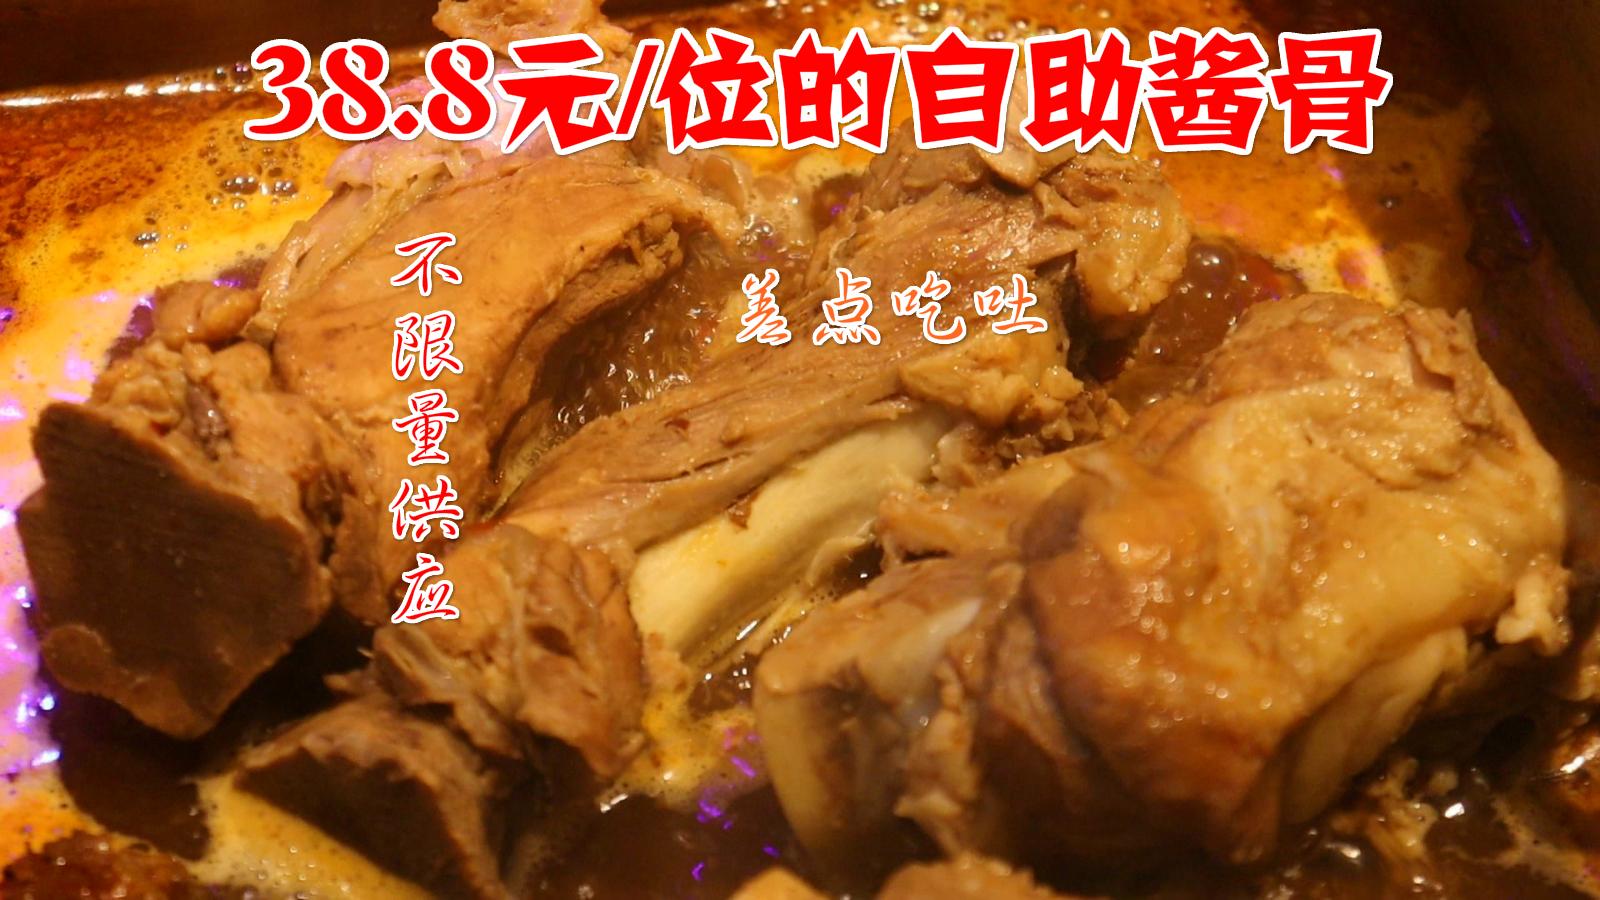 猪肉吃到吐!38.8元一位的酱骨头自助,无限量供应个头惊人!